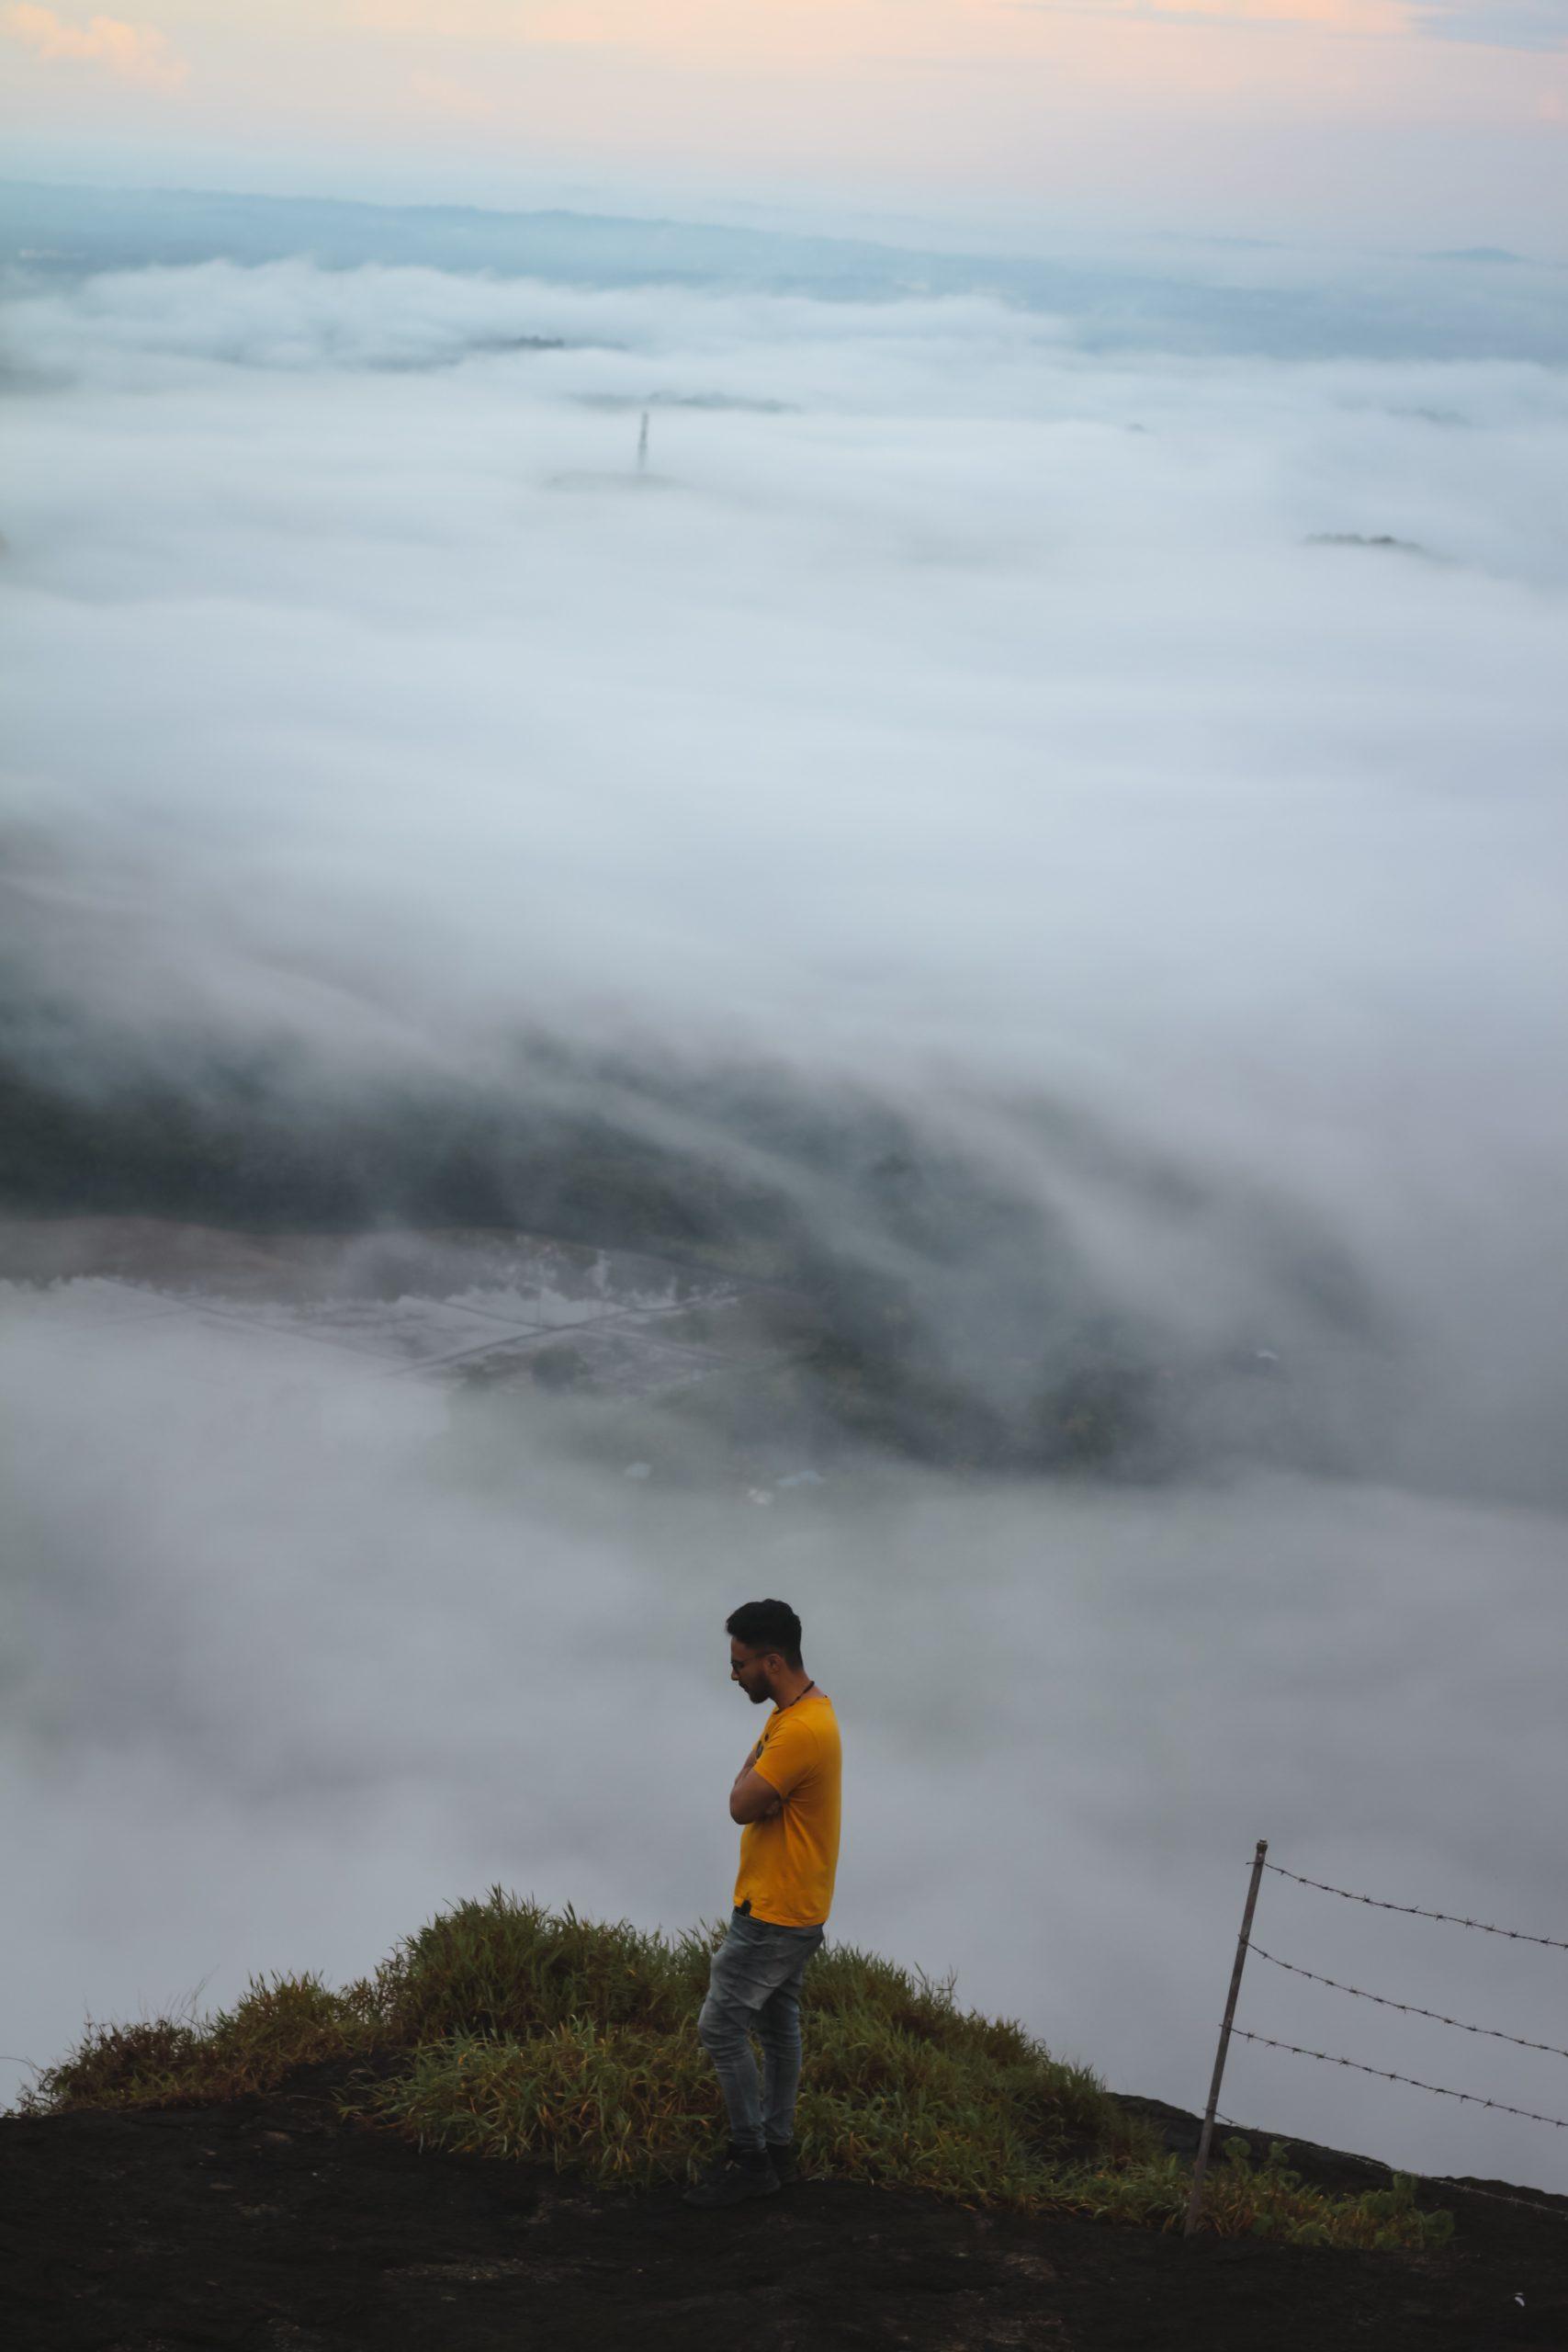 Man at a mountain peak